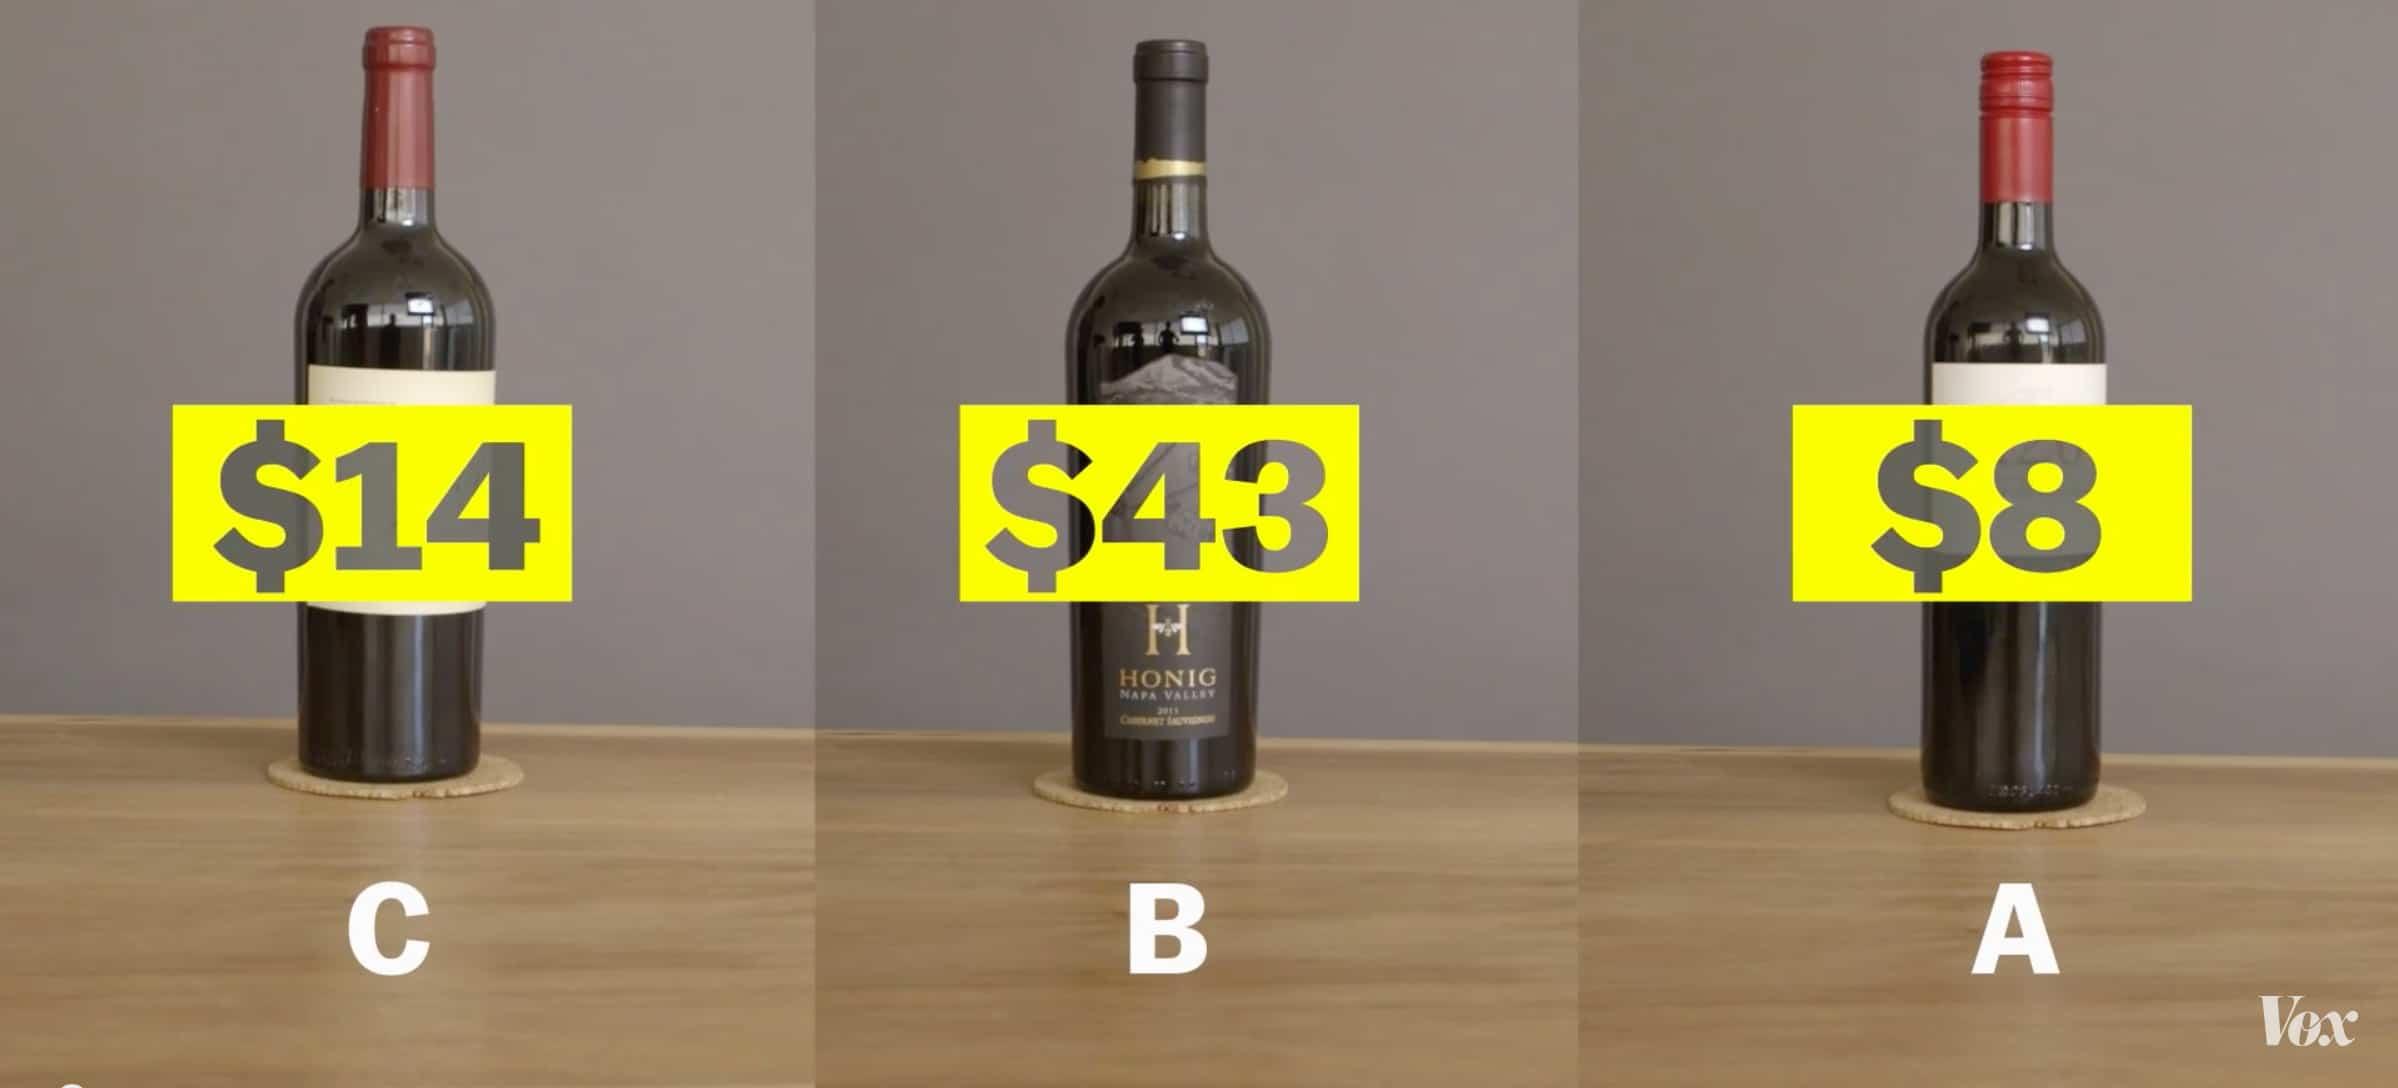 Smakar dyrt vin alltid bäst?